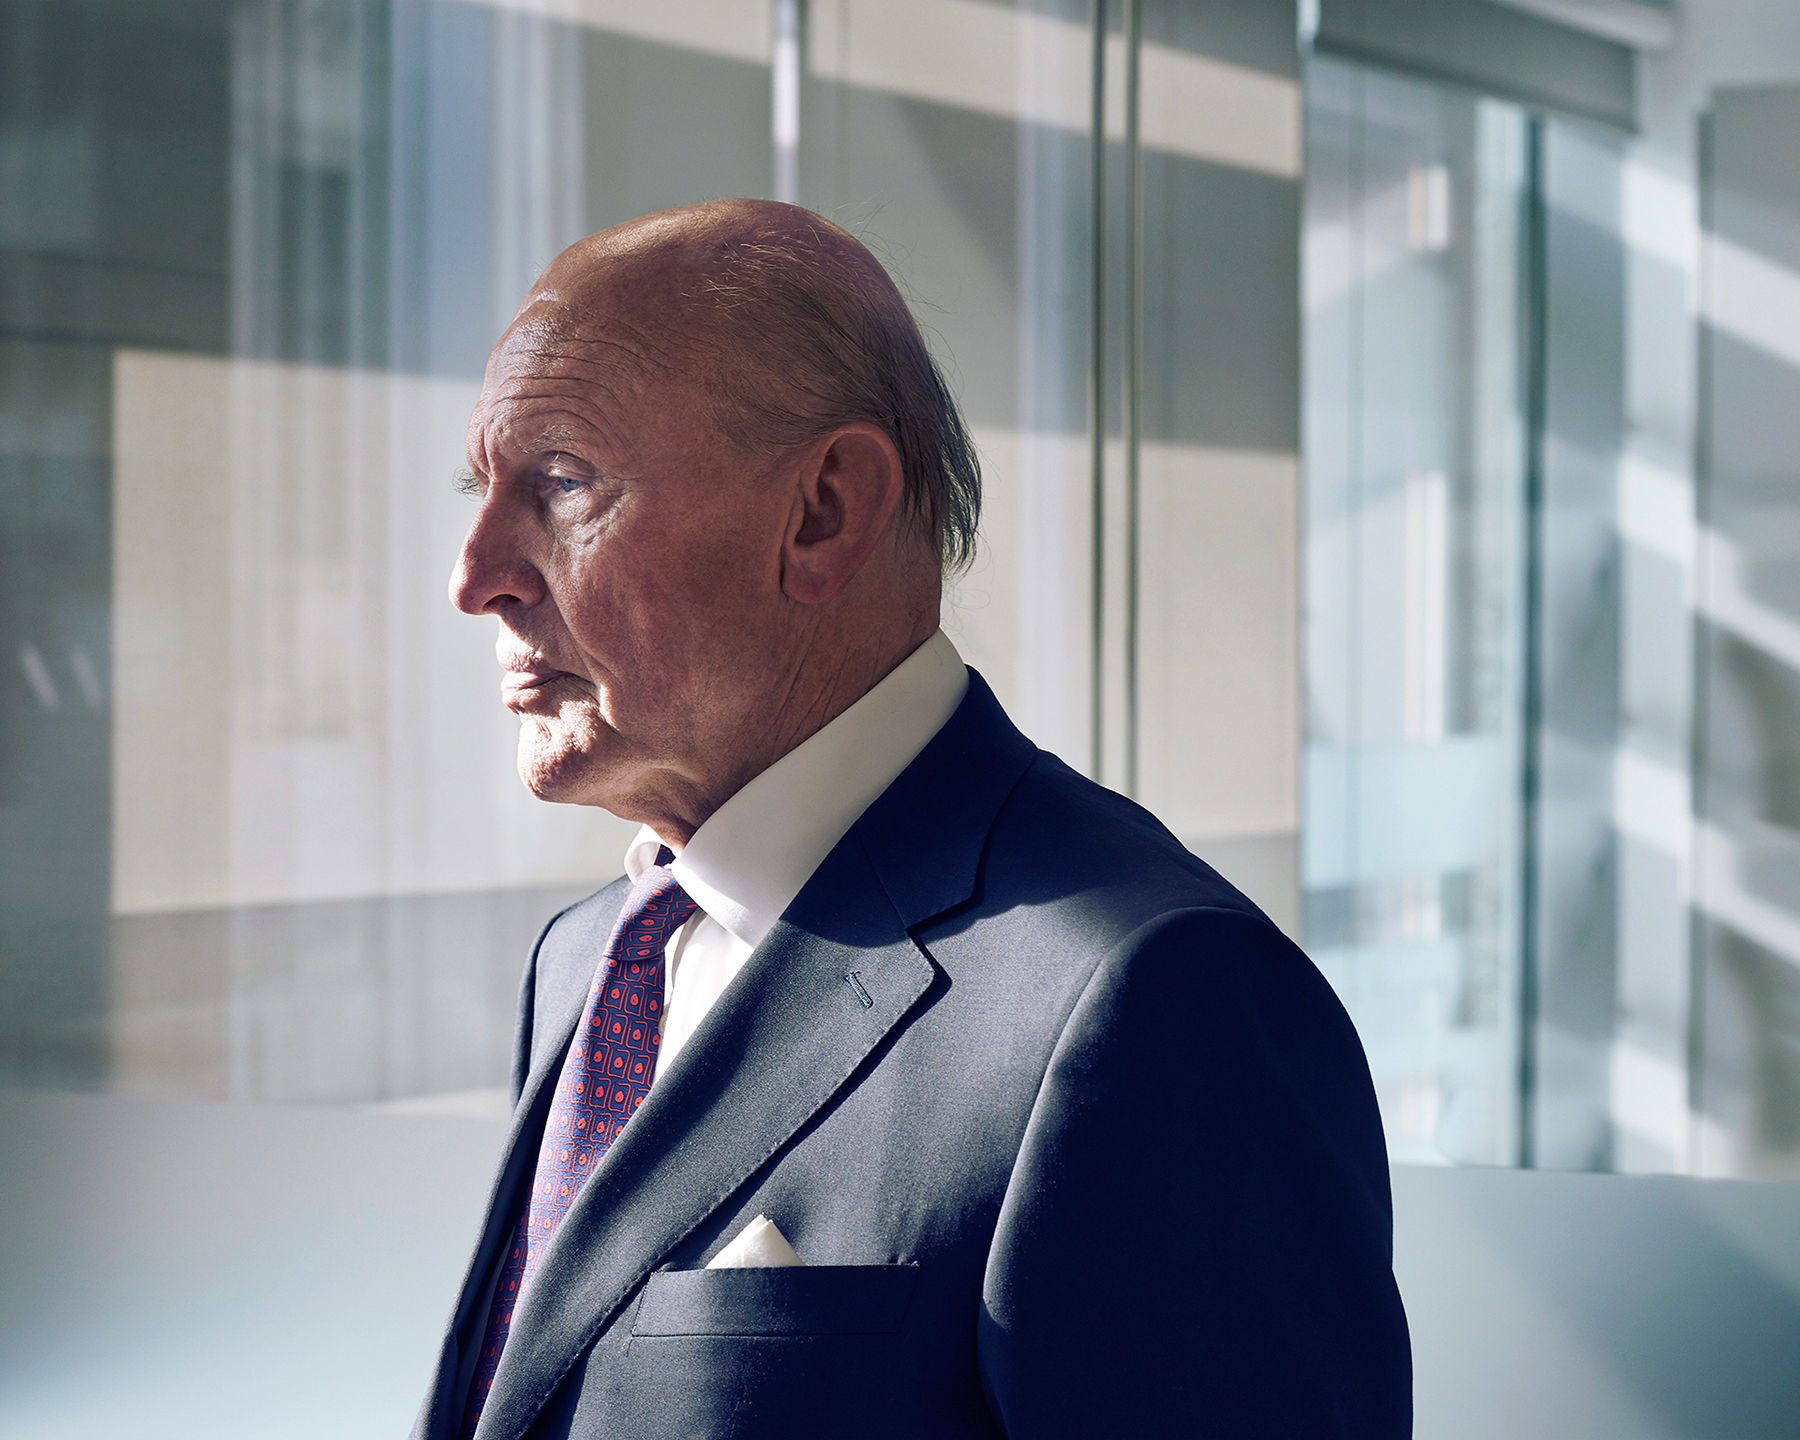 Sir Alec Reed - Philanthropist